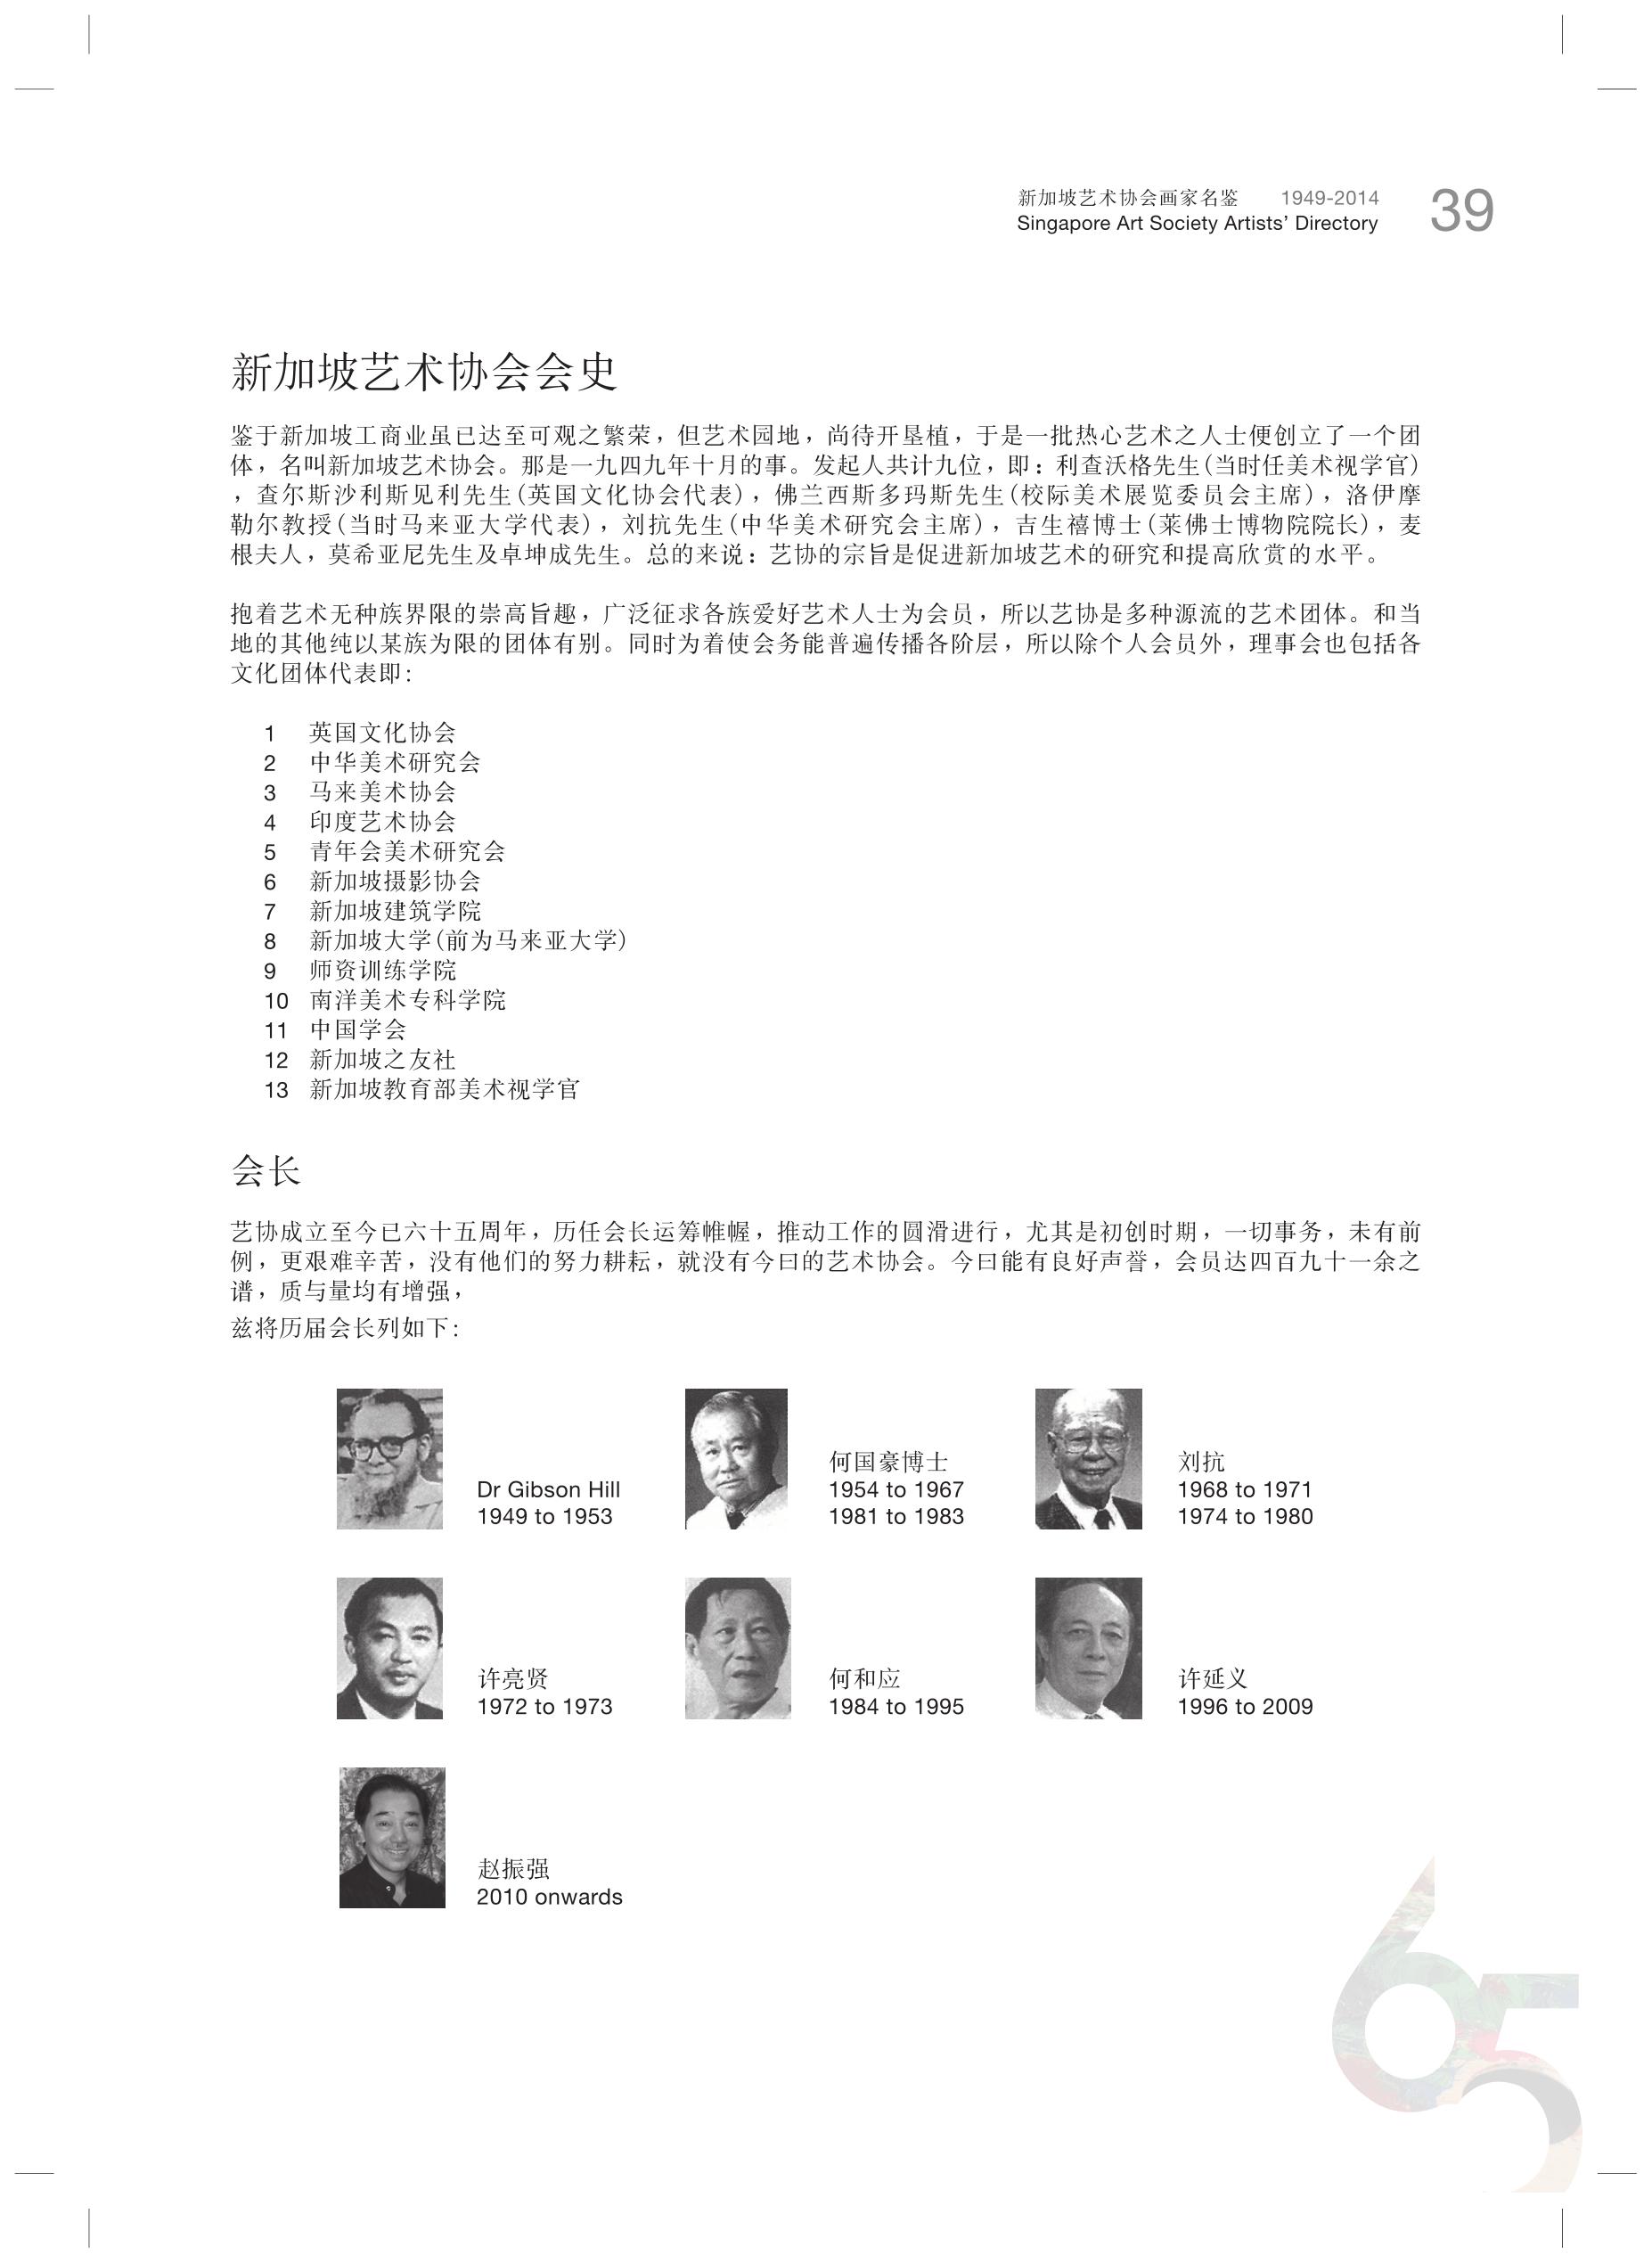 SG 65 inside_Part4-06